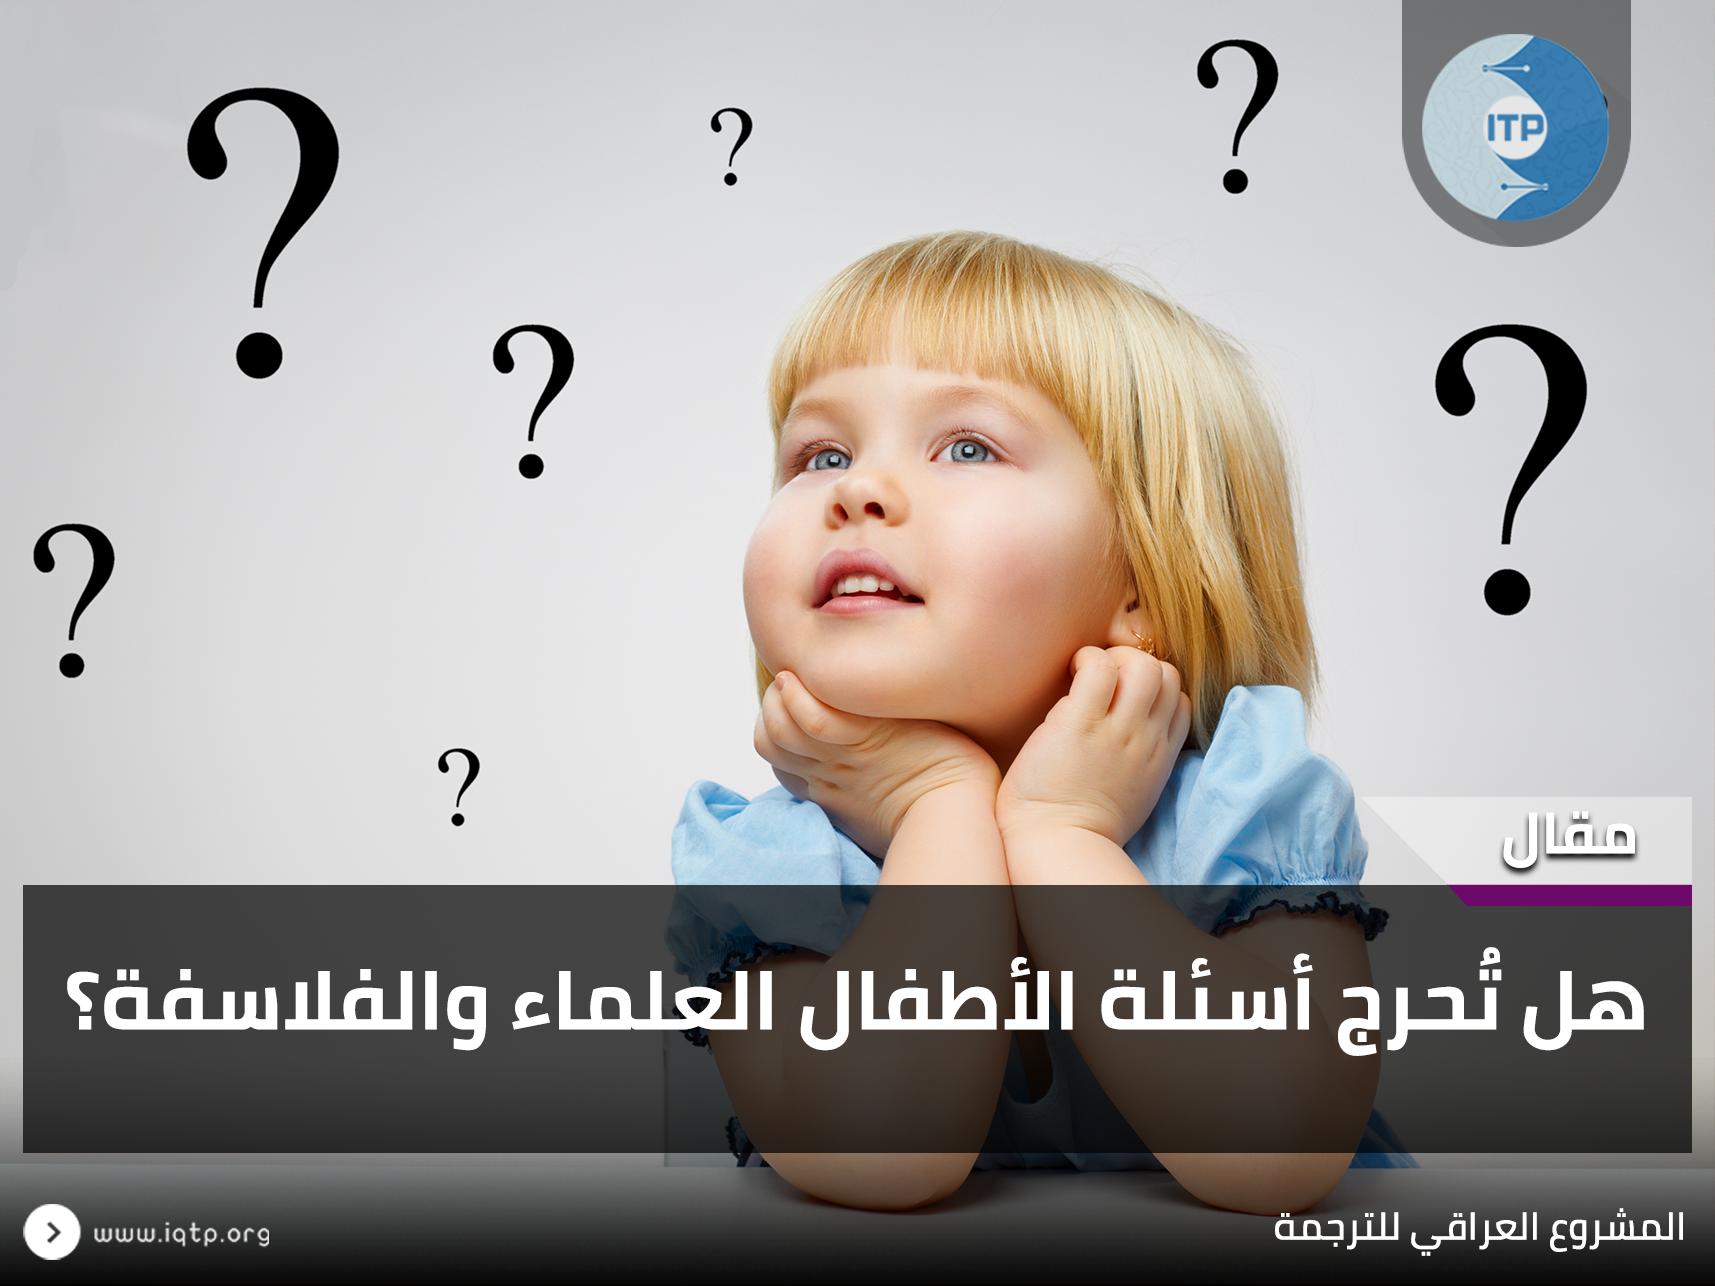 عندما تُحرج أسئلة الأطفال العلماء والفلاسفة؟